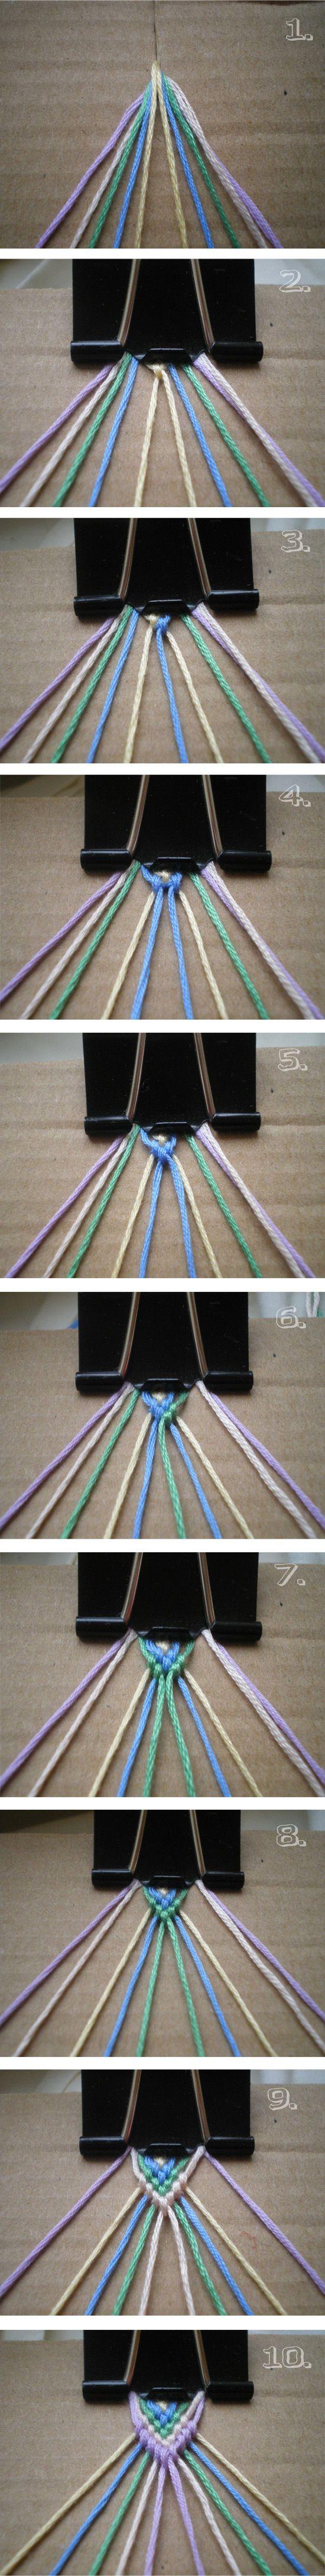 Mikro makramé karkötő készítése - Színes Ötletek